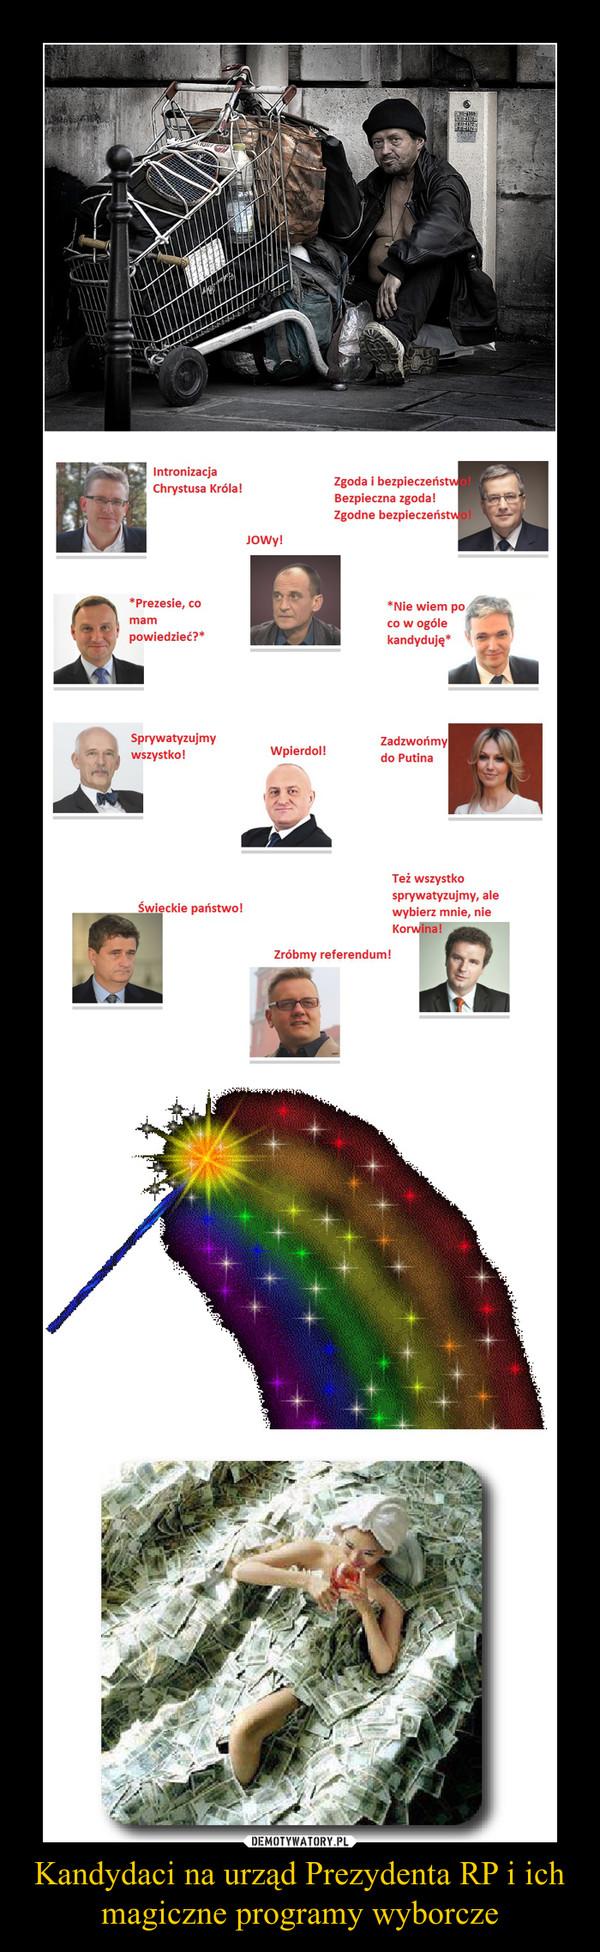 Kandydaci na urząd Prezydenta RP i ich magiczne programy wyborcze –